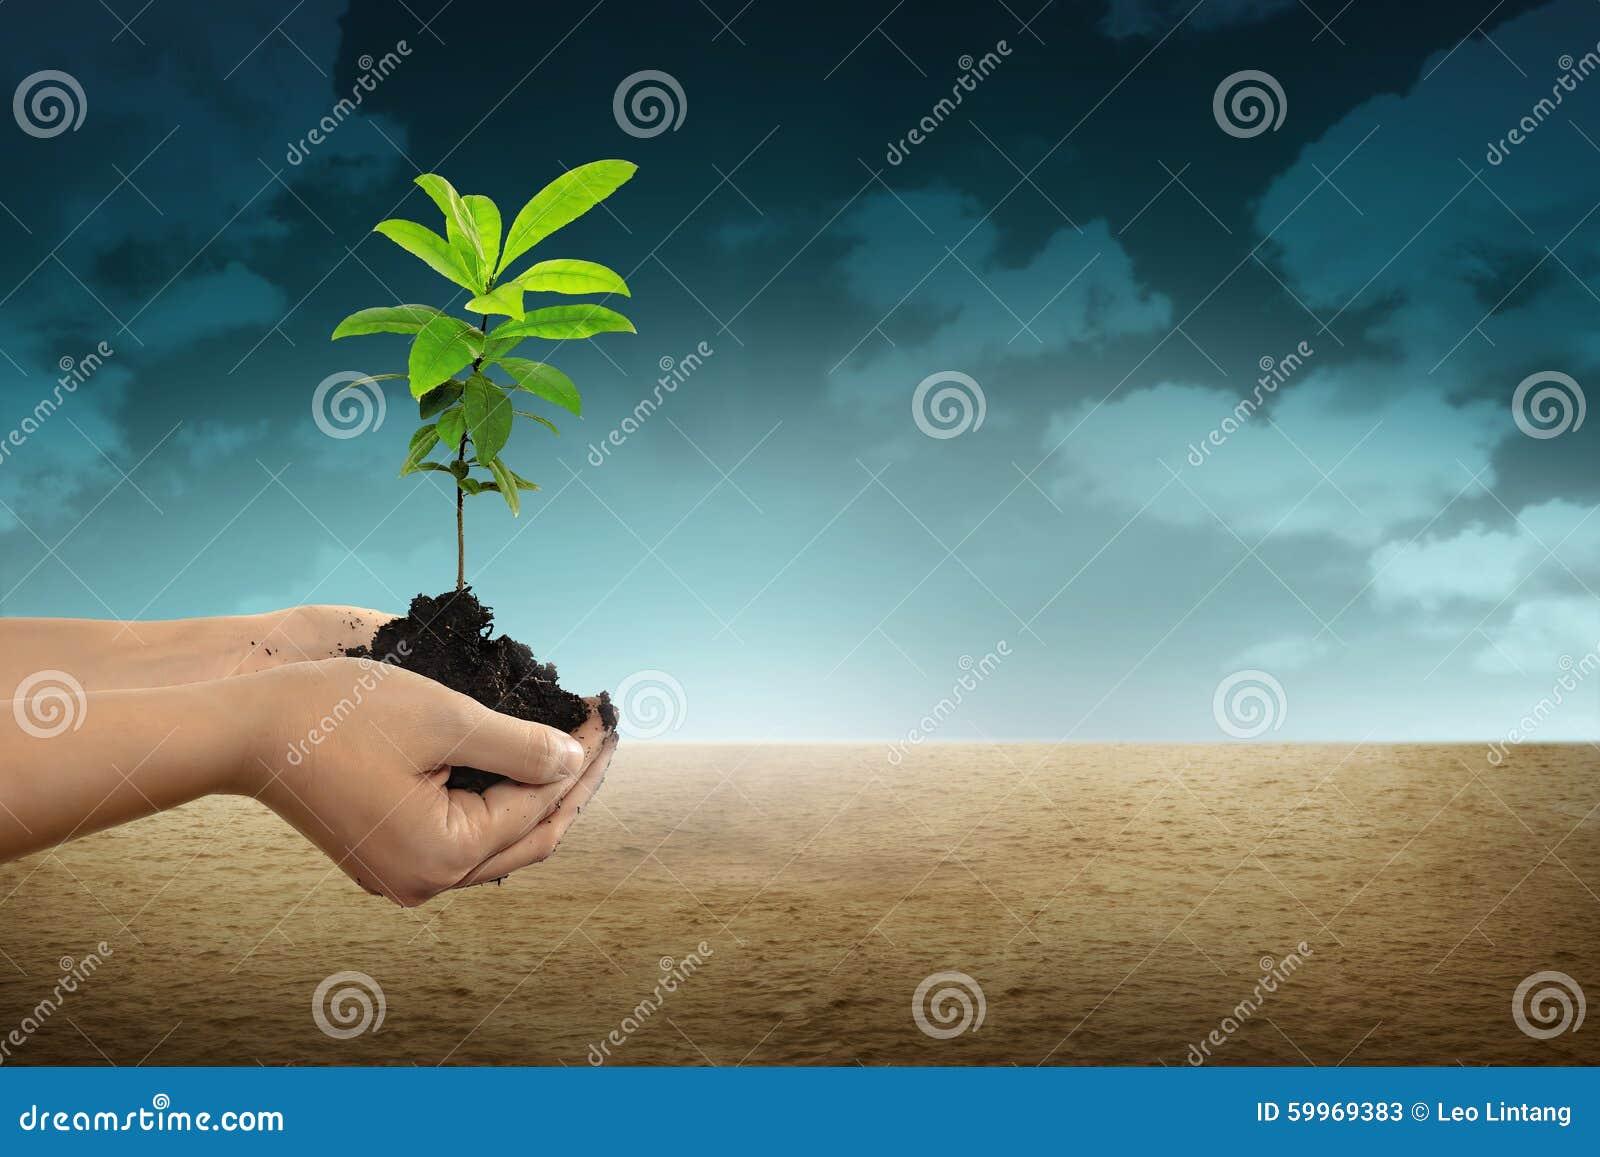 Mano que sostiene una planta verde